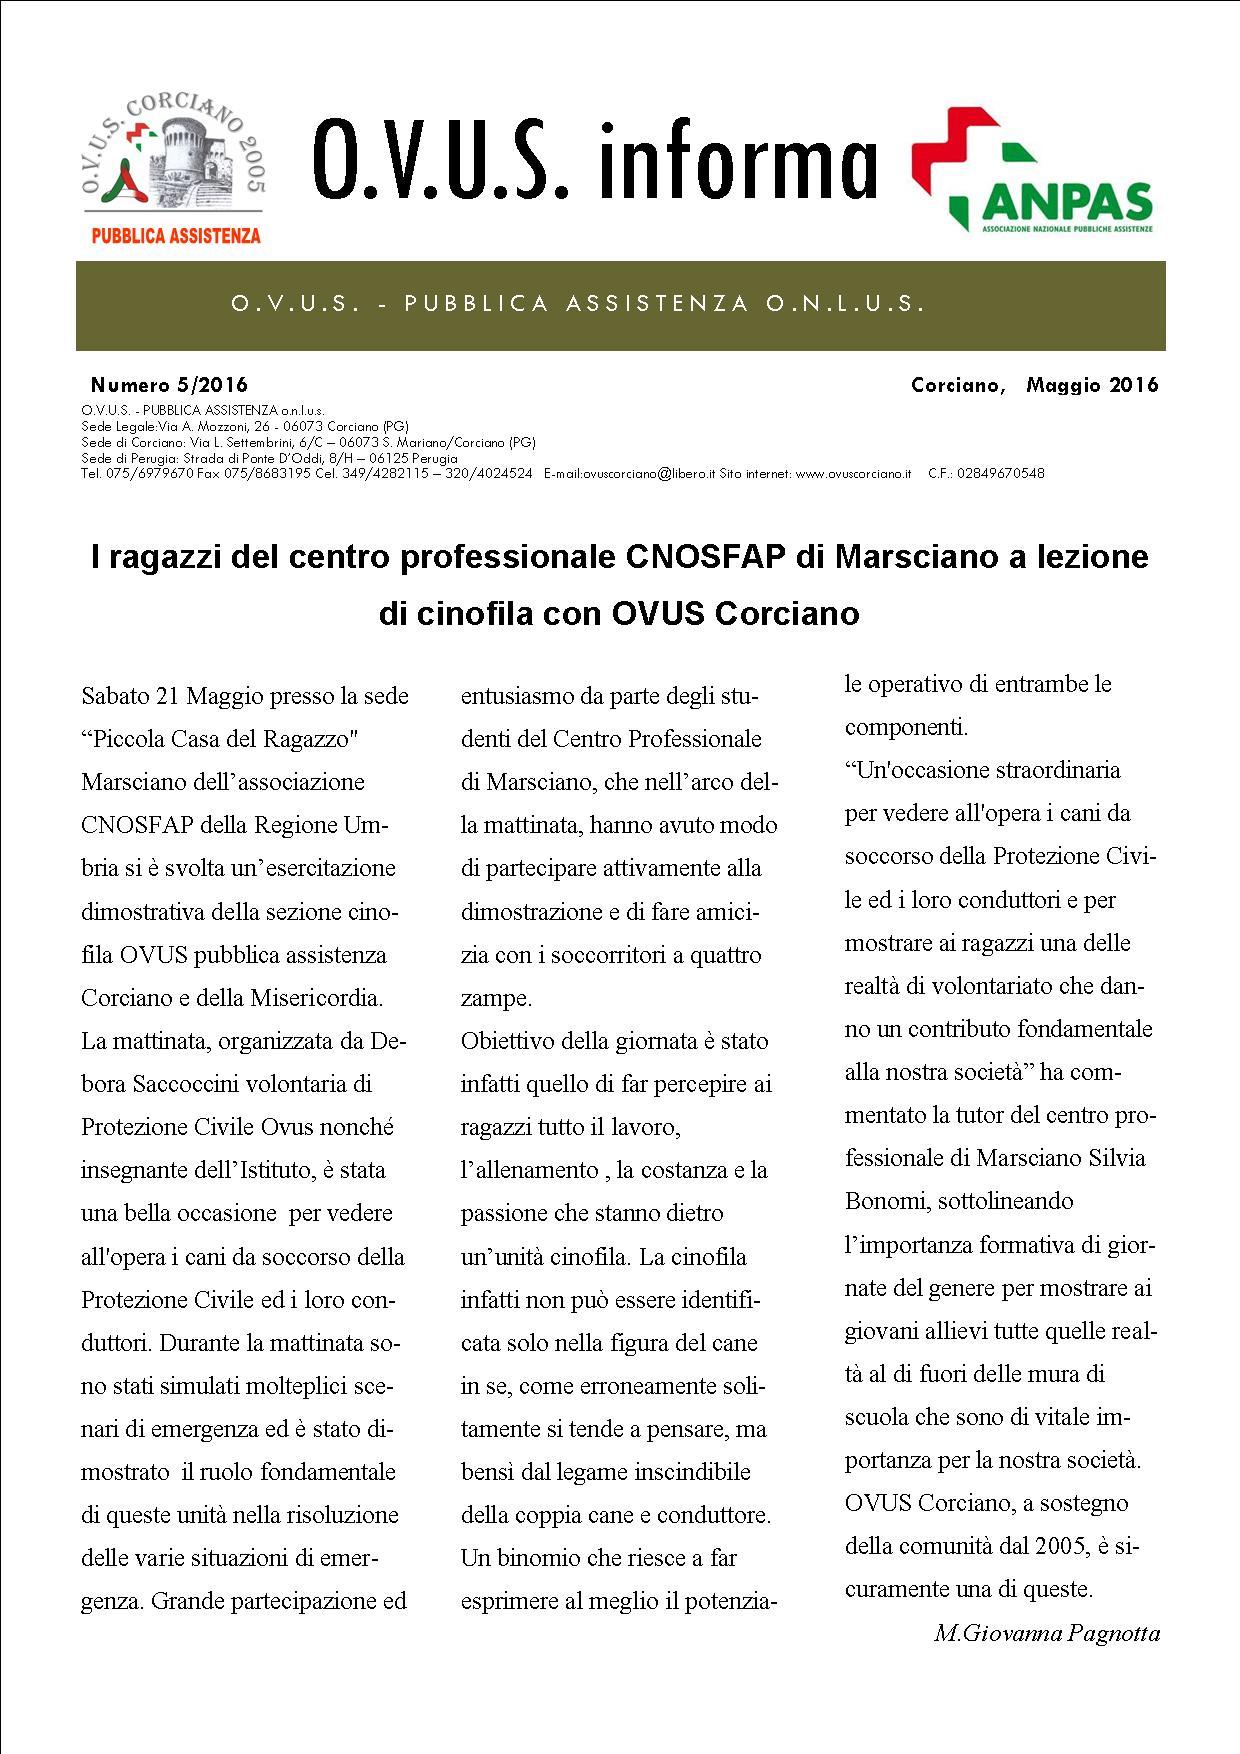 OVUS informa cinofila maggio 05 pag1